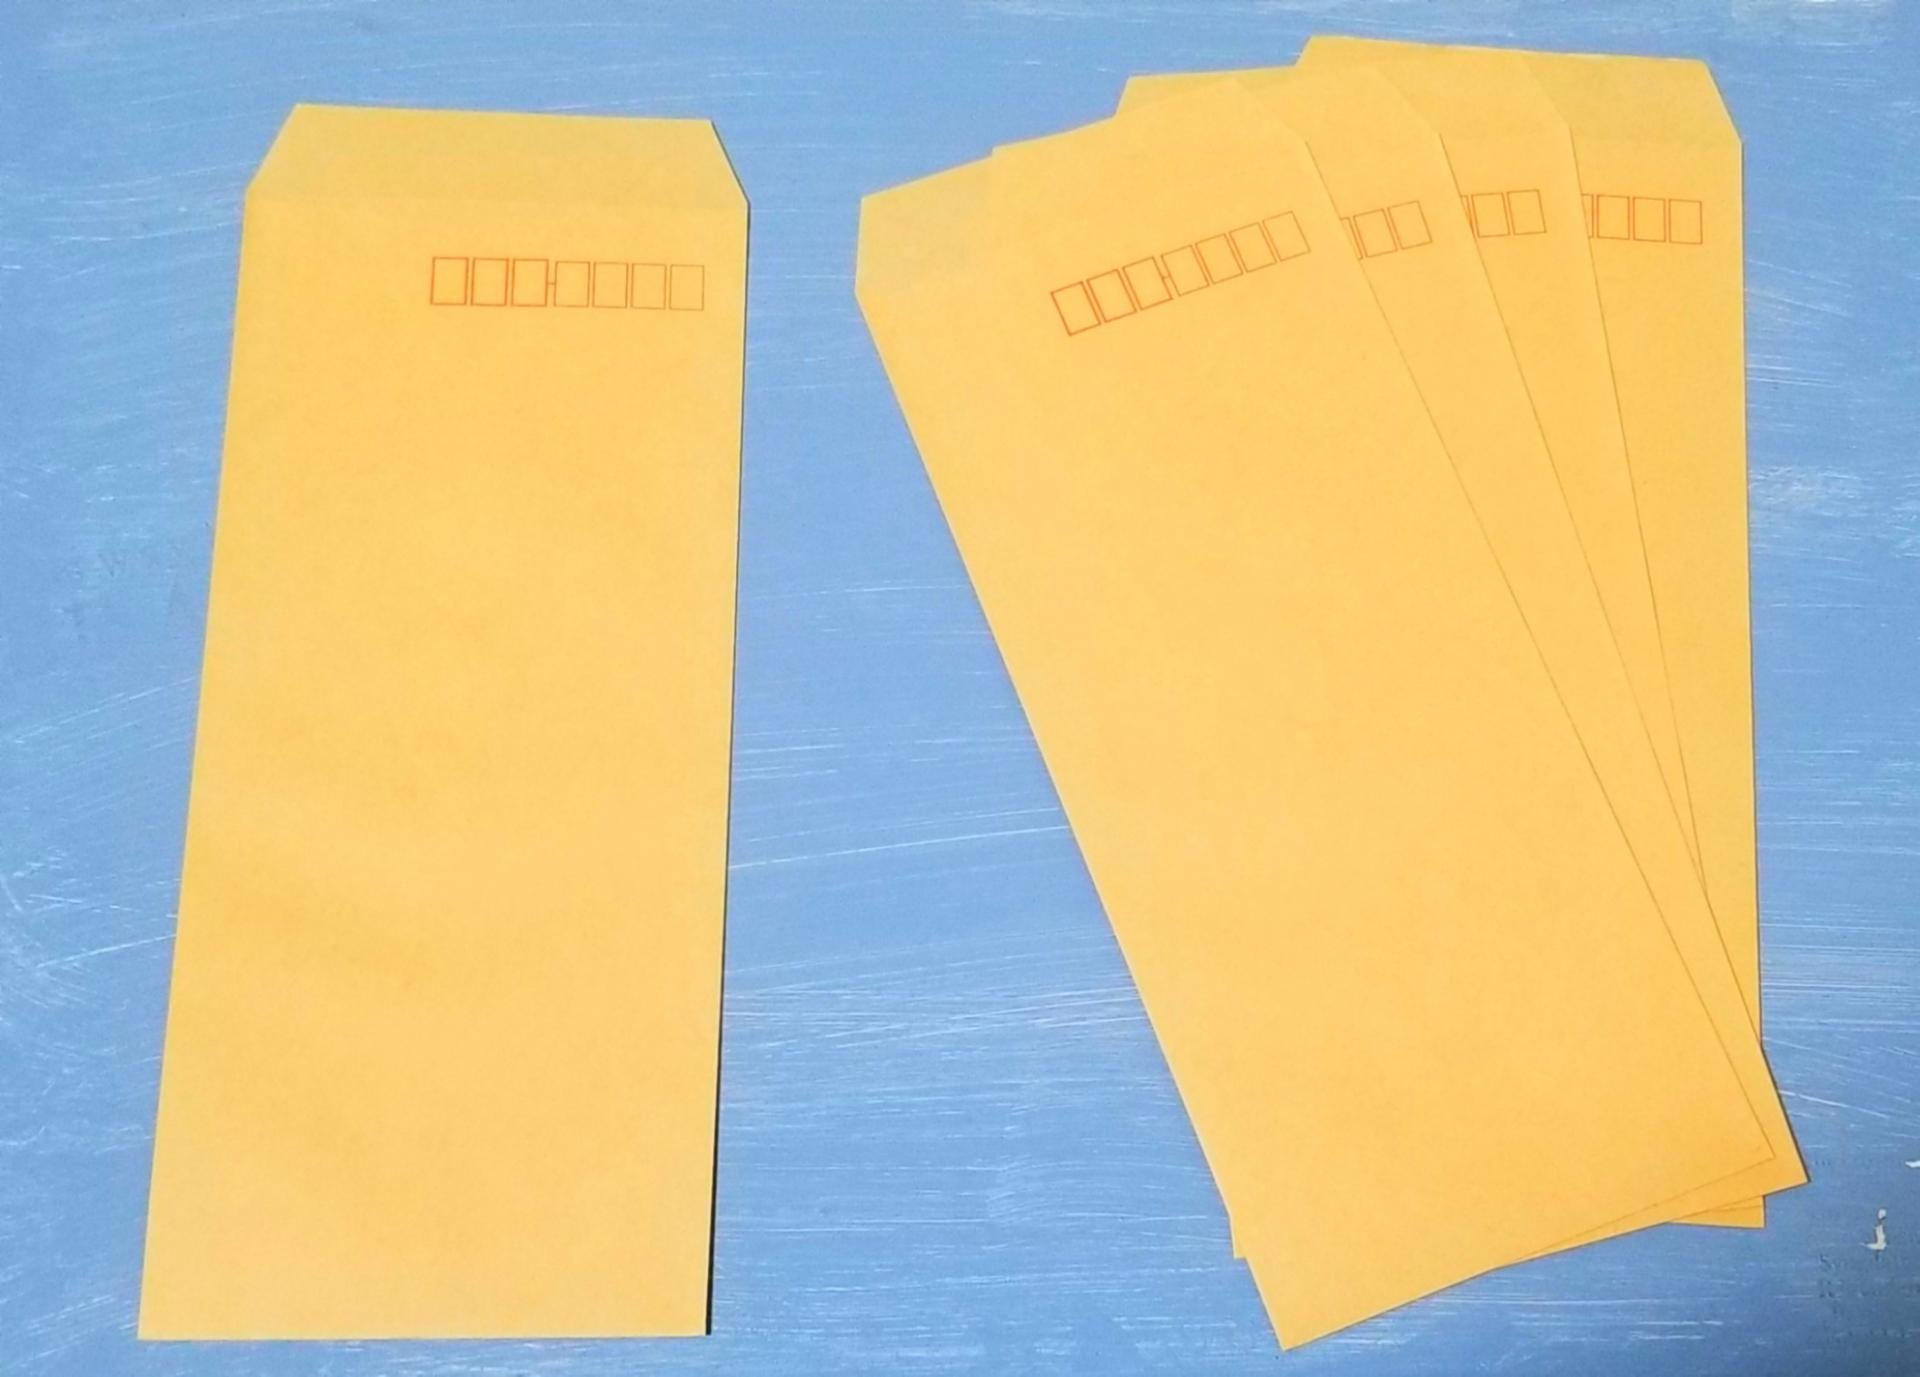 封筒の裏の書き方とは?横書き・縦書き別で名前・住所の位置を分かりやすく紹介!